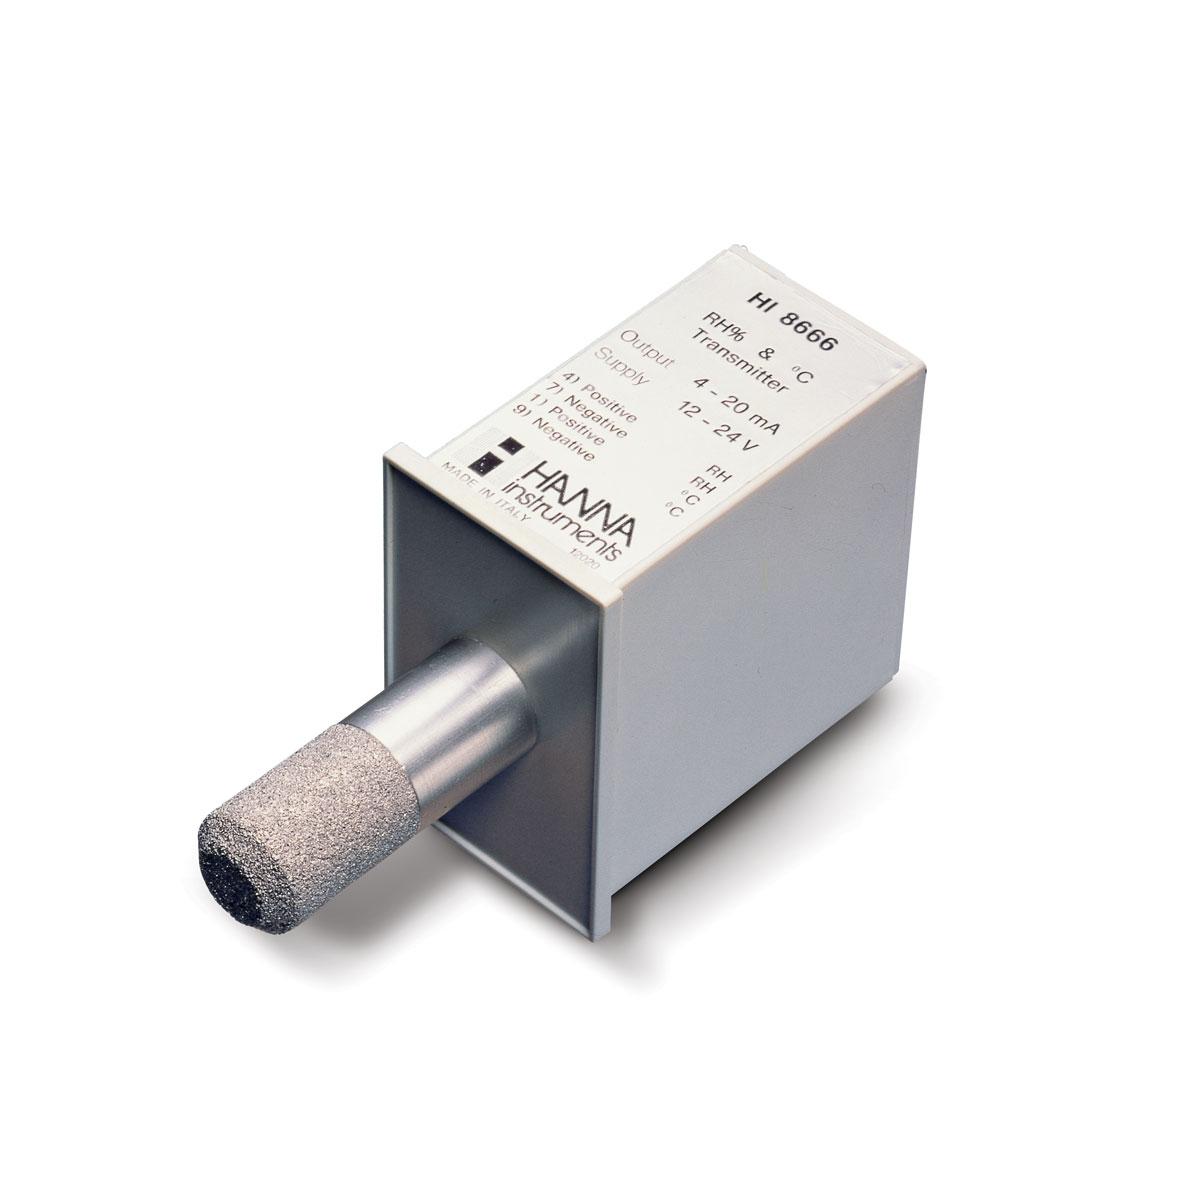 HI8666 - Trasmettitore di umidità relativa e temperatura